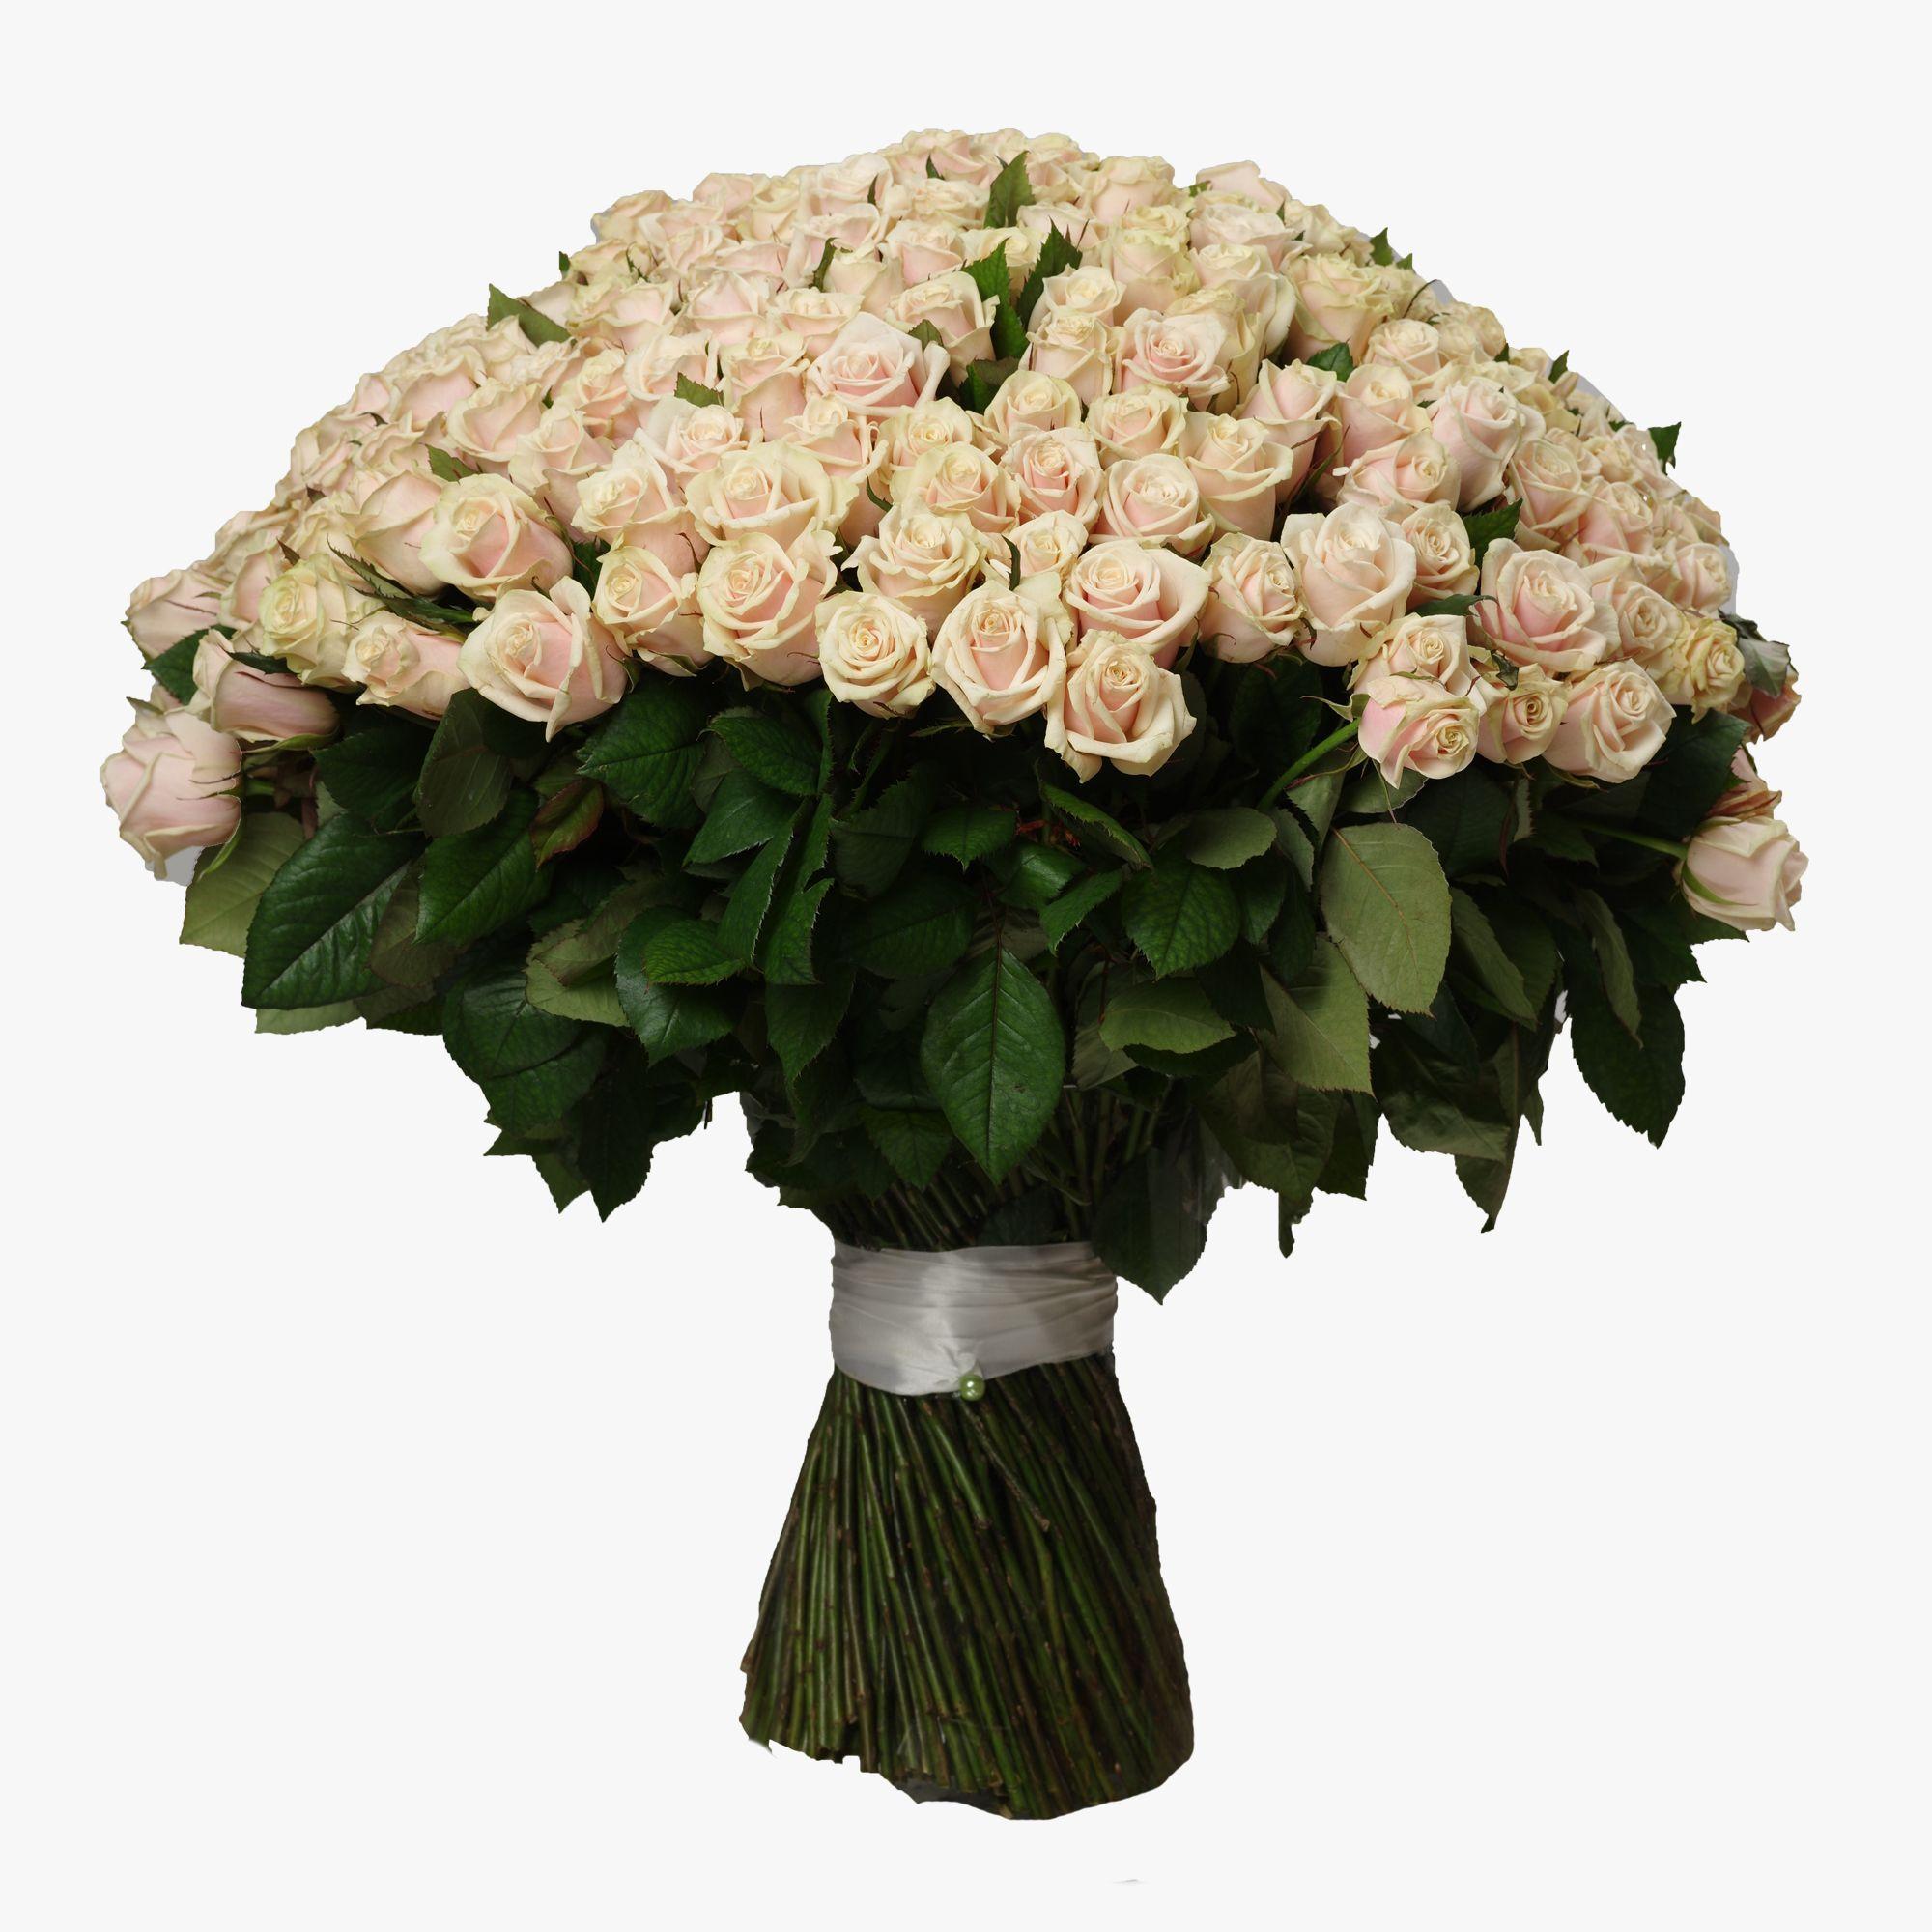 Букетов, букет из 301 розы купить недорого